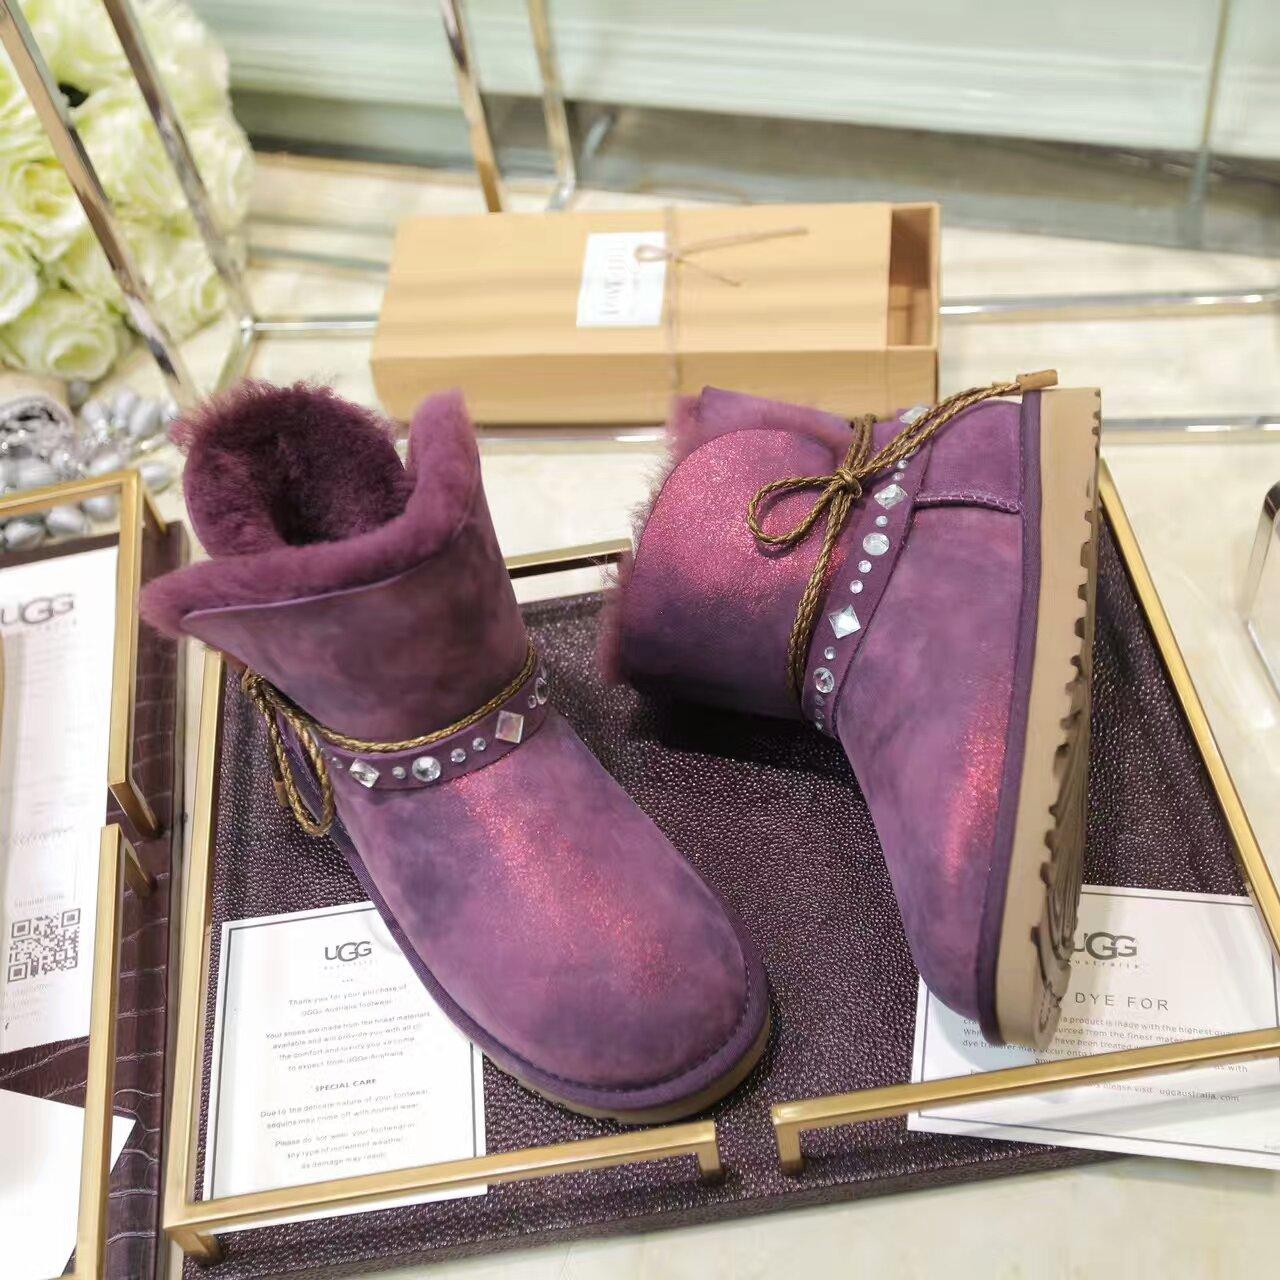 【UGG】邓紫棋3代羊皮毛一体防水云烟布纹系列雪地靴